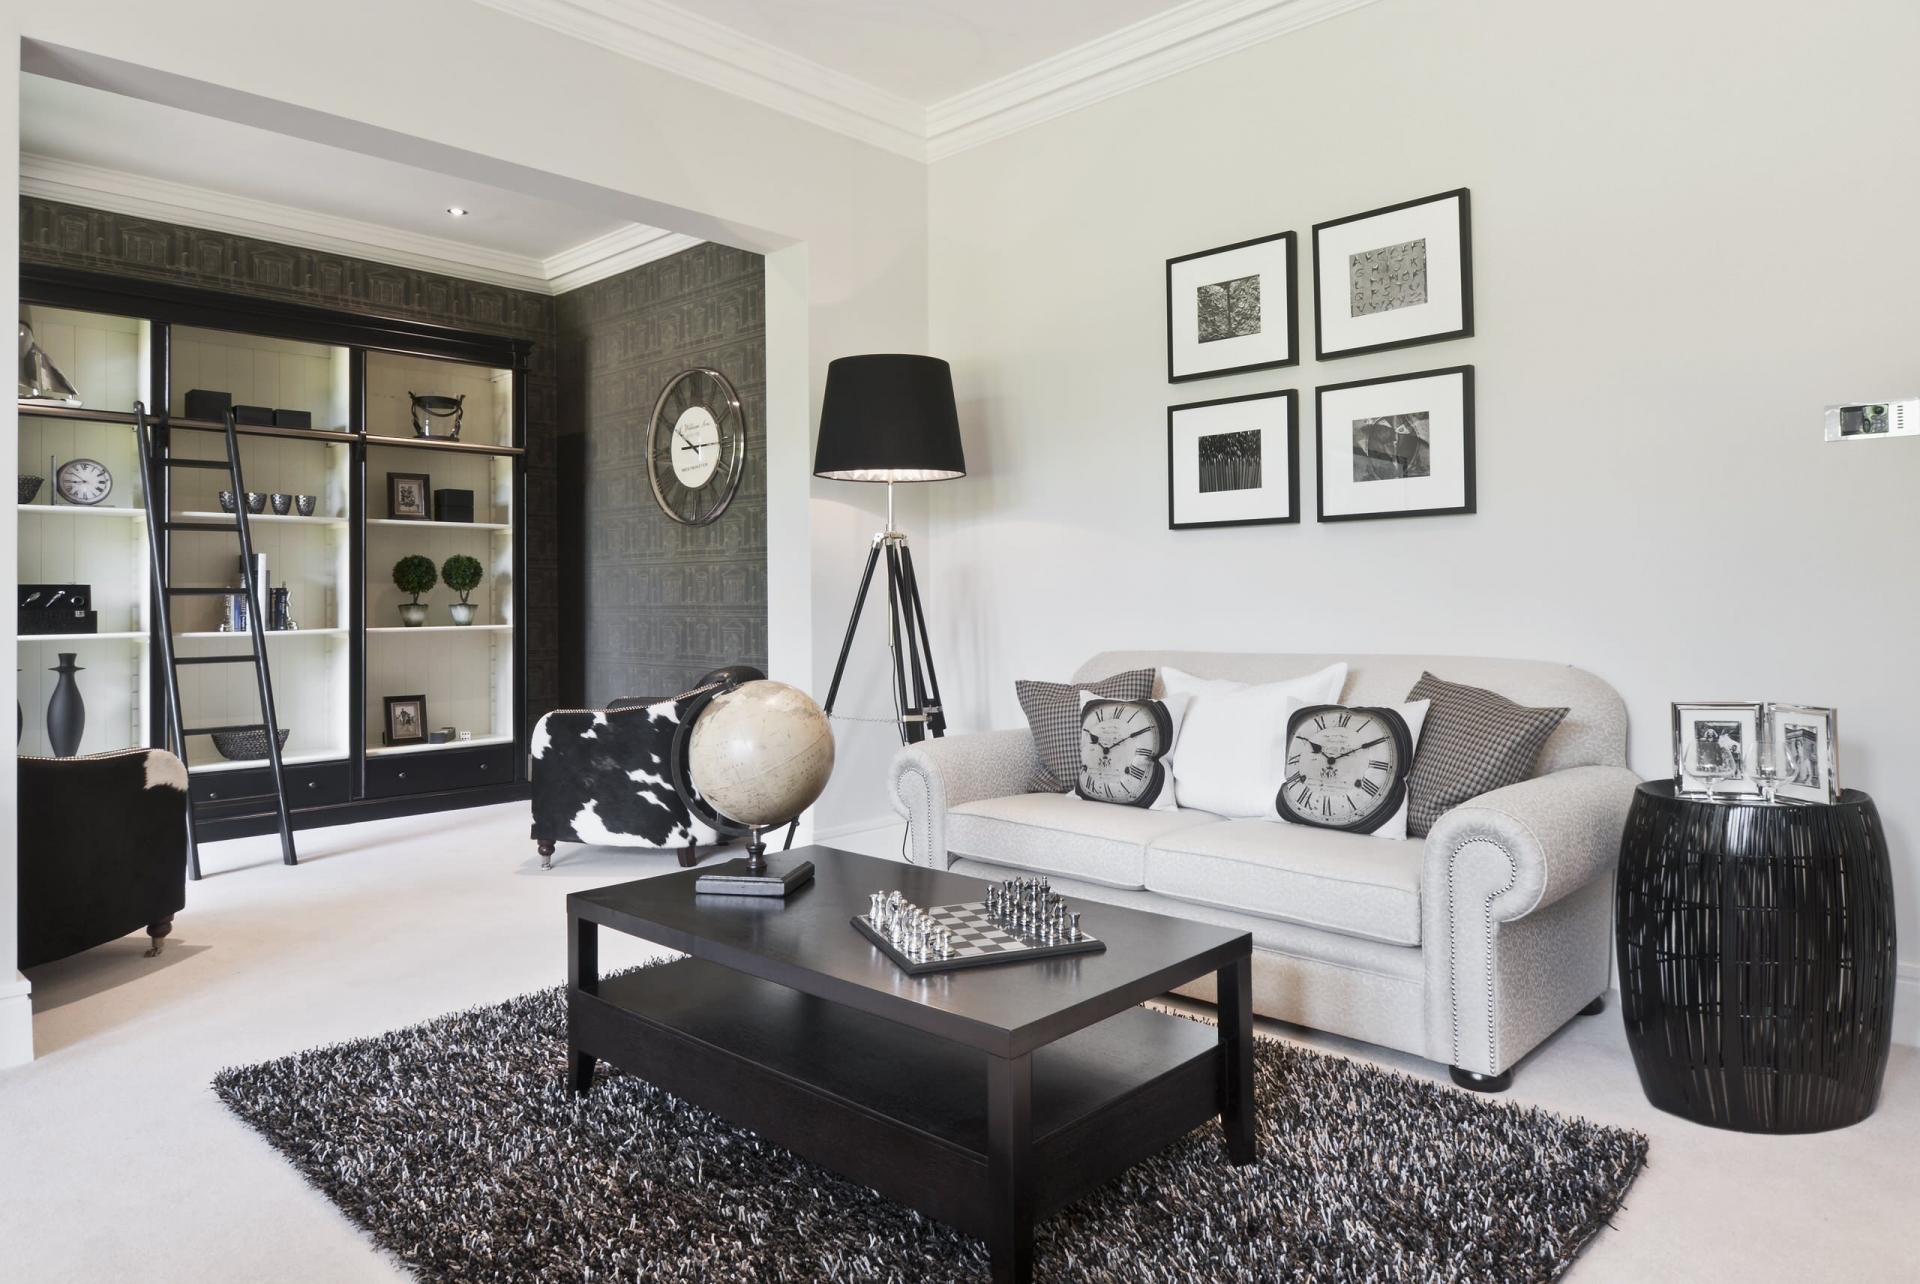 Серый диван и черно-белые кресла в стиле модерн